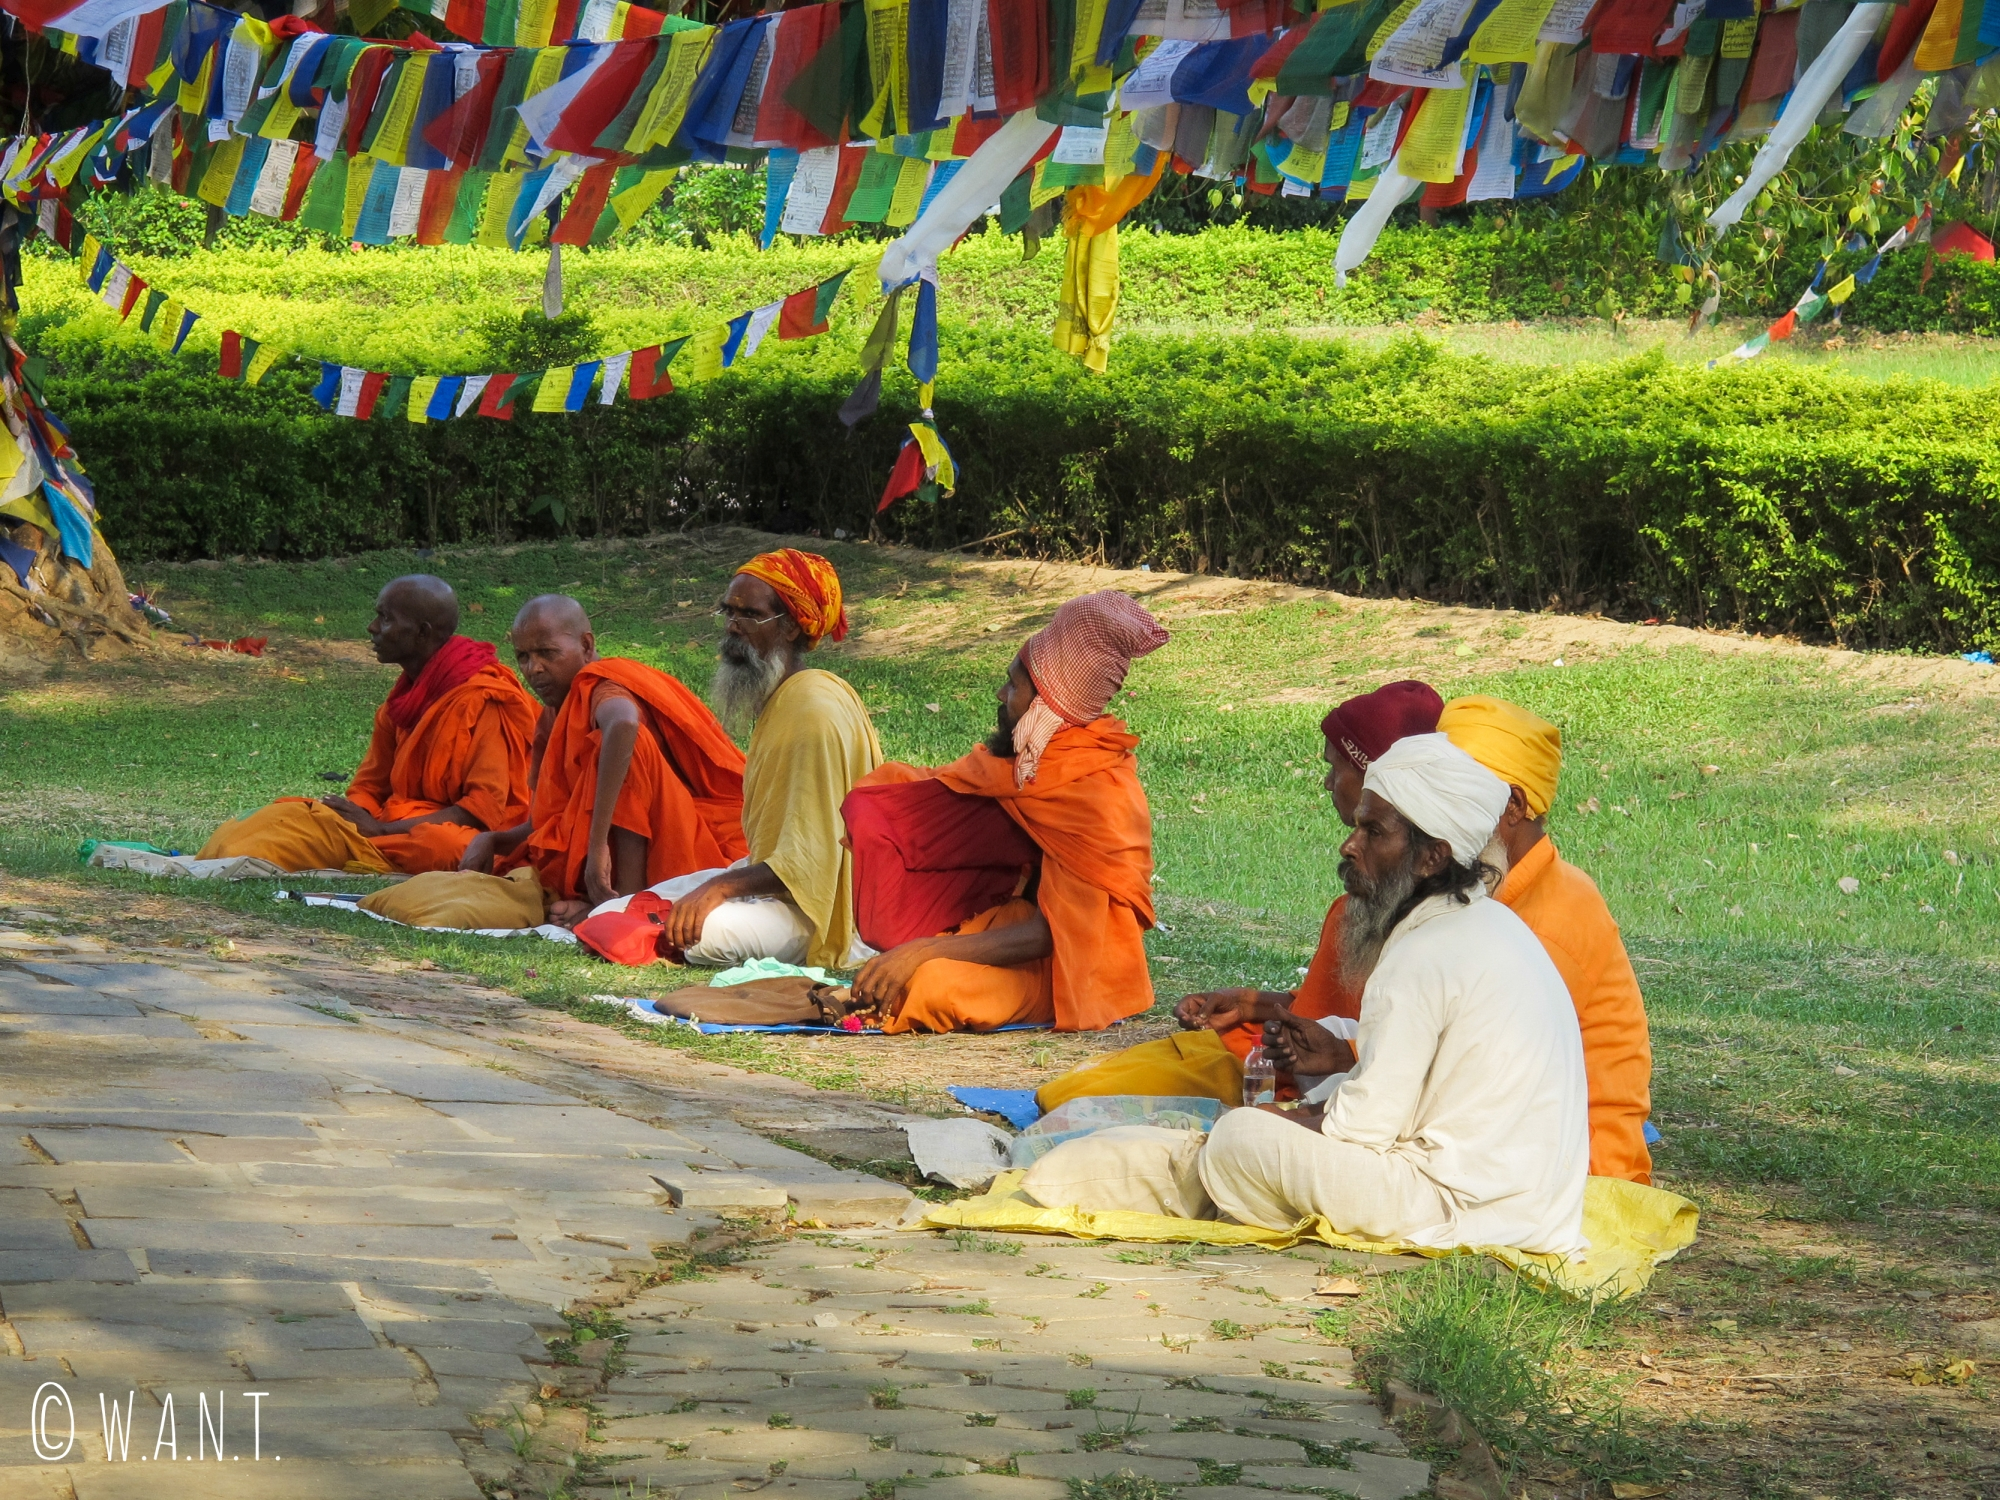 Autour du Bodhi Tree du temple Maya Devi, l'atmosphère est propice au recueillement